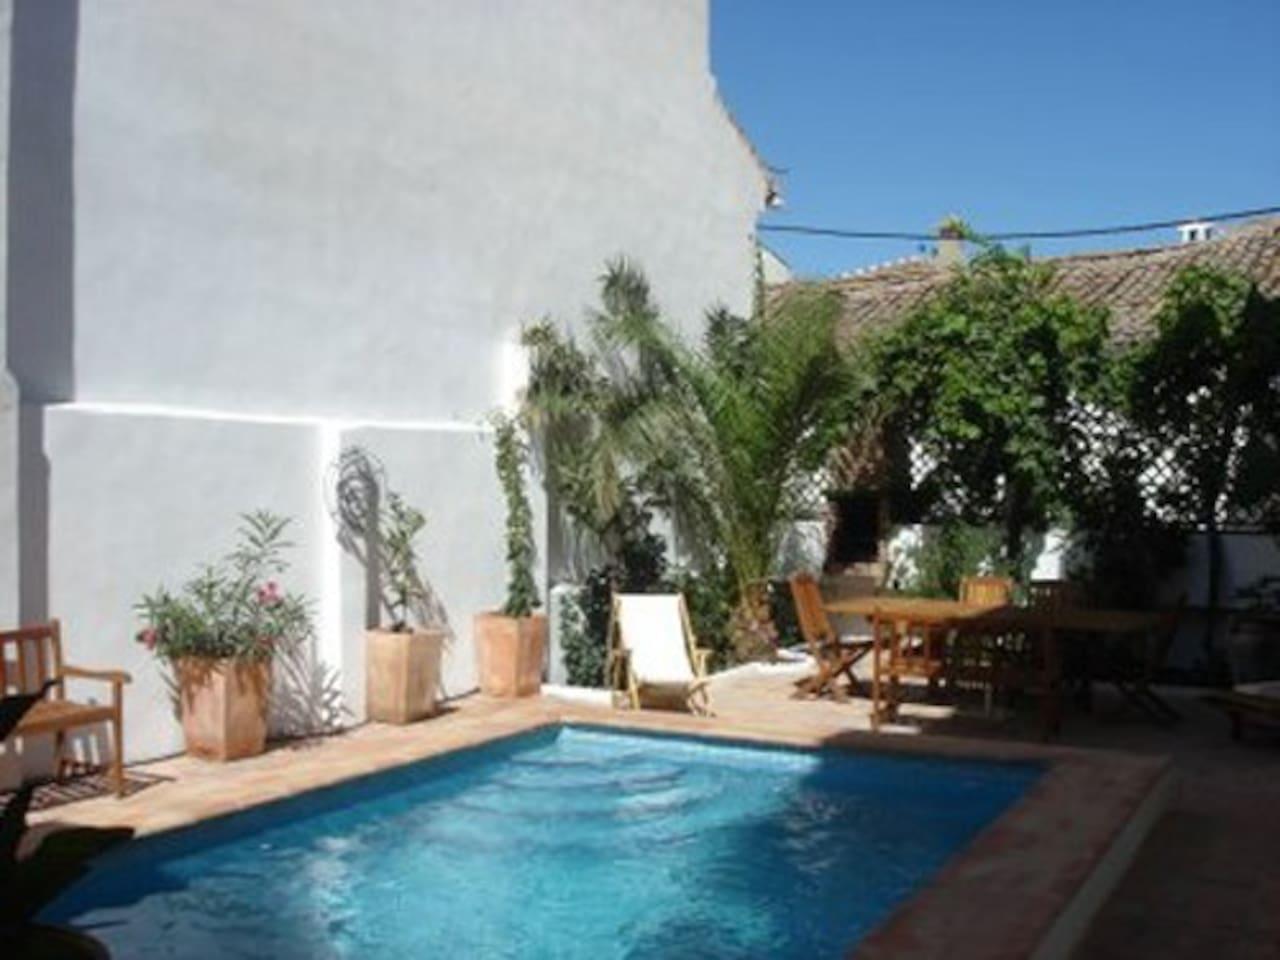 grote patio met prive zwembad